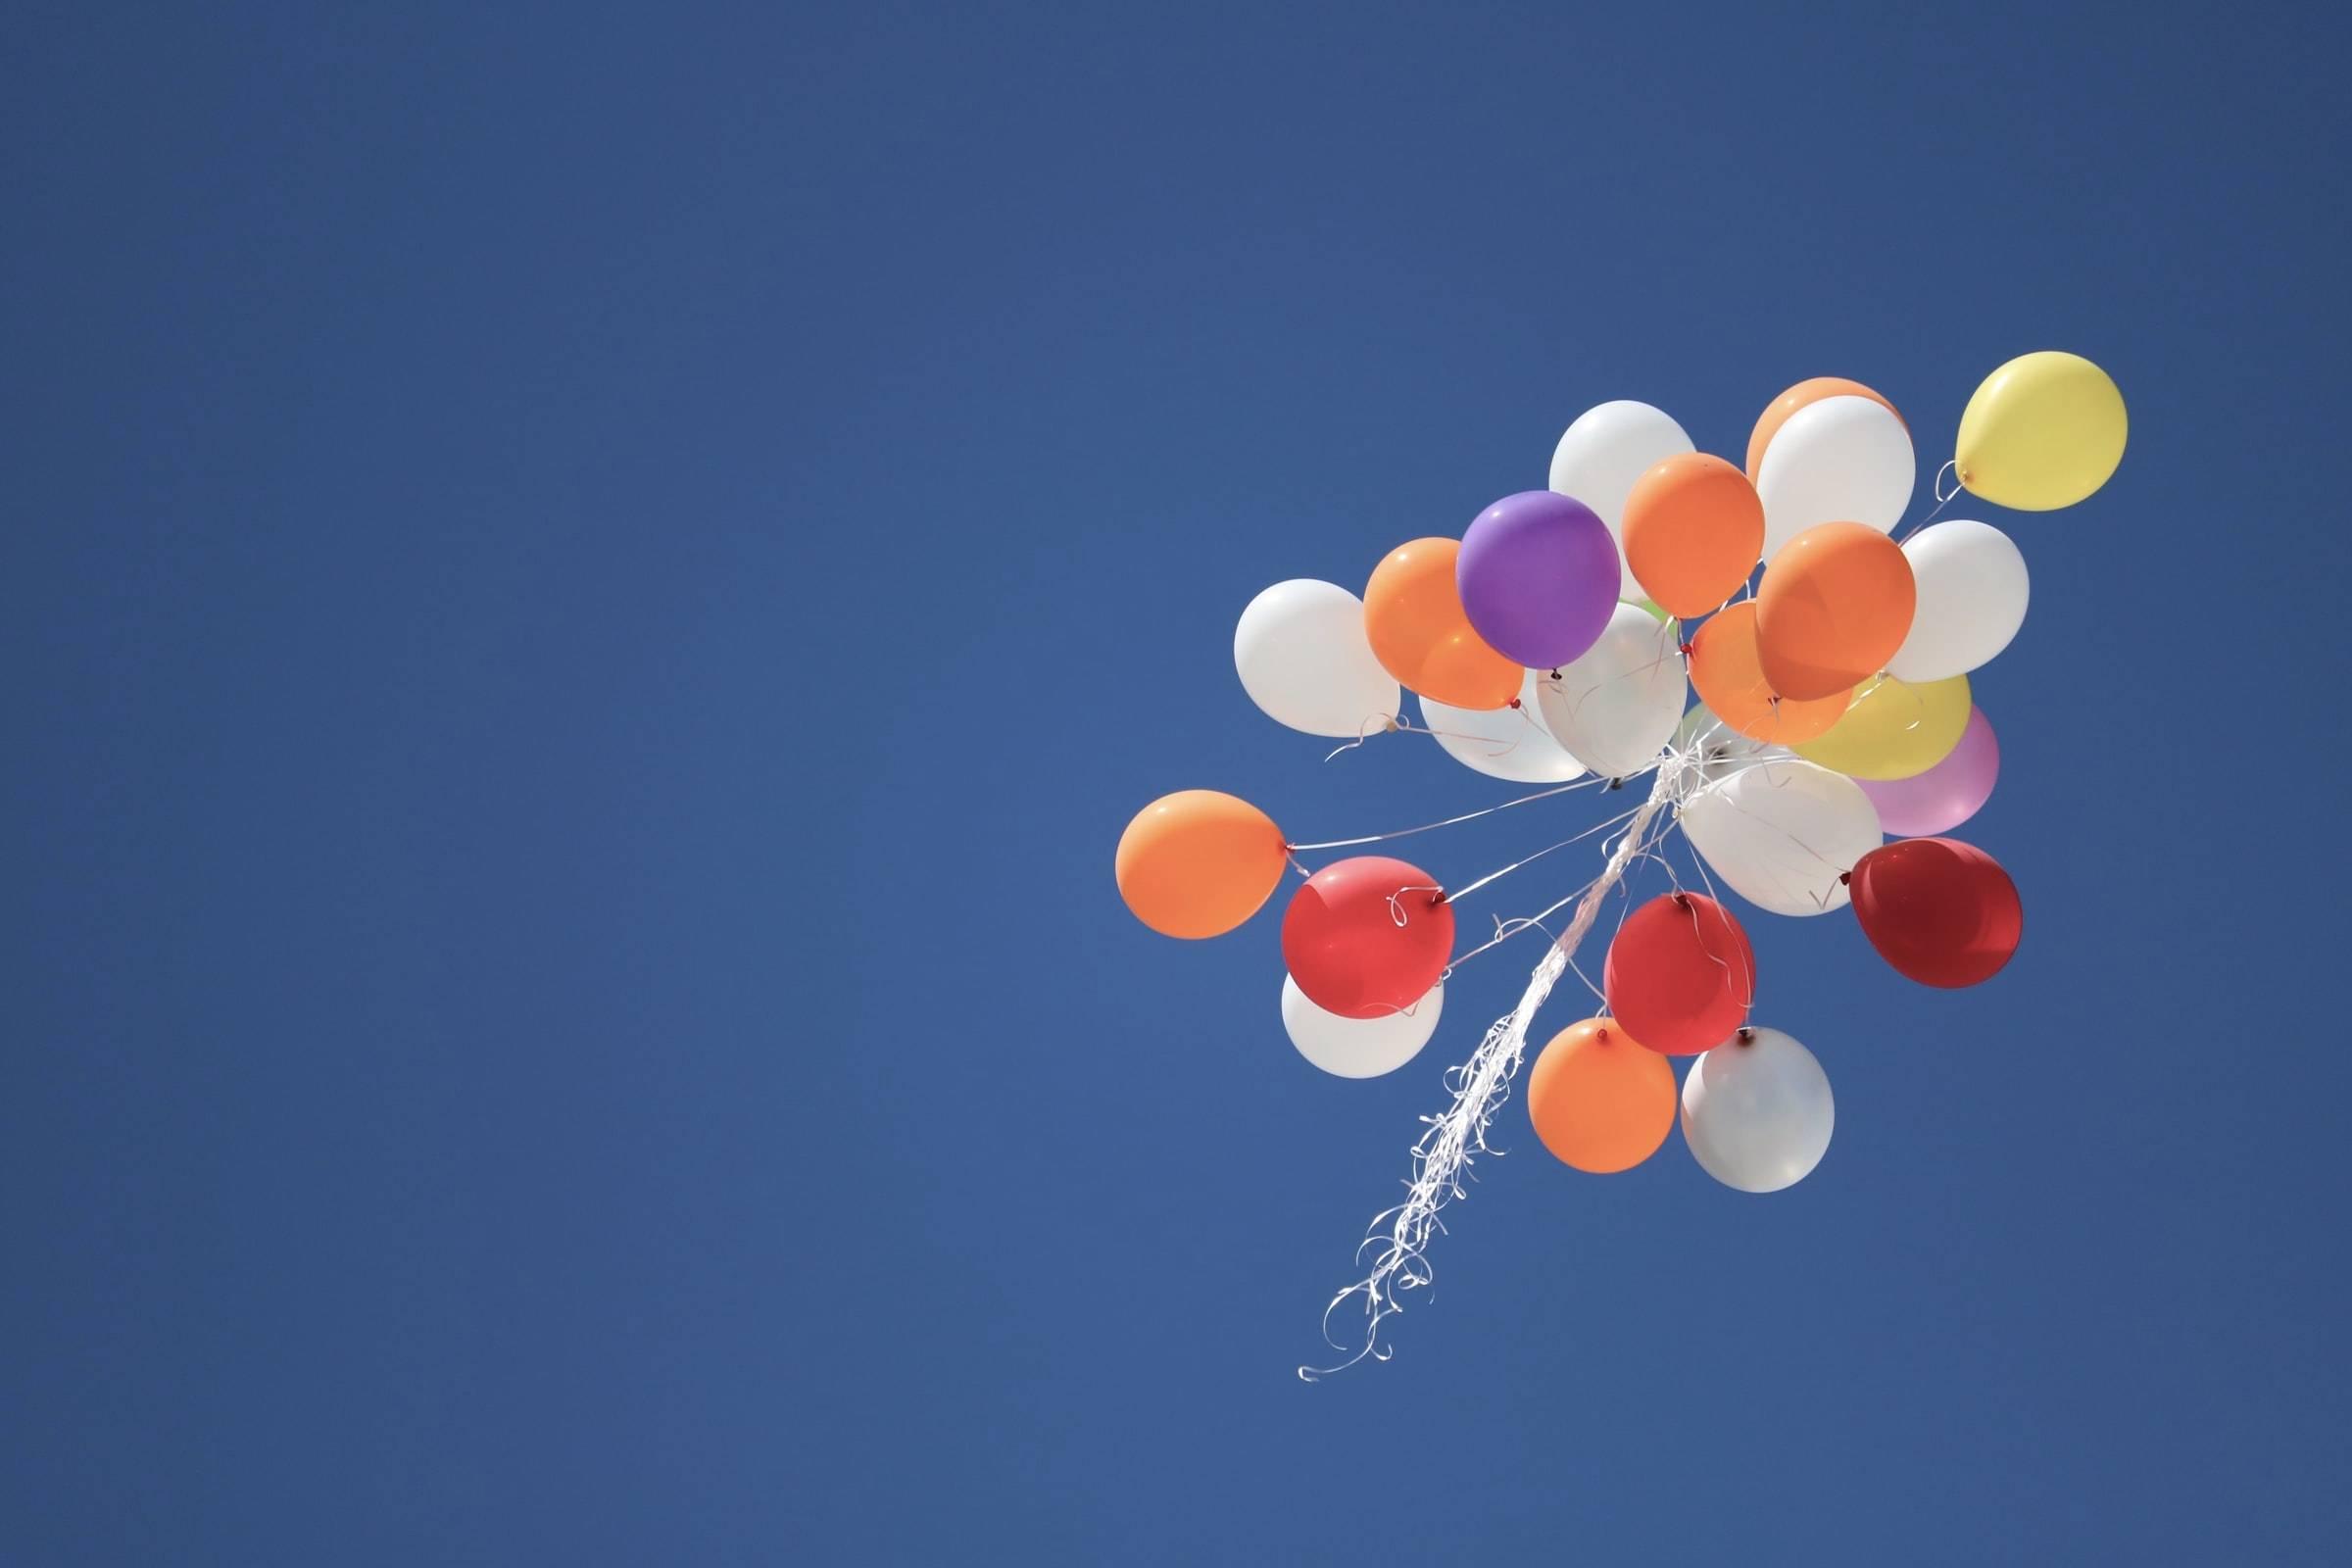 Bundle of balloons floating away